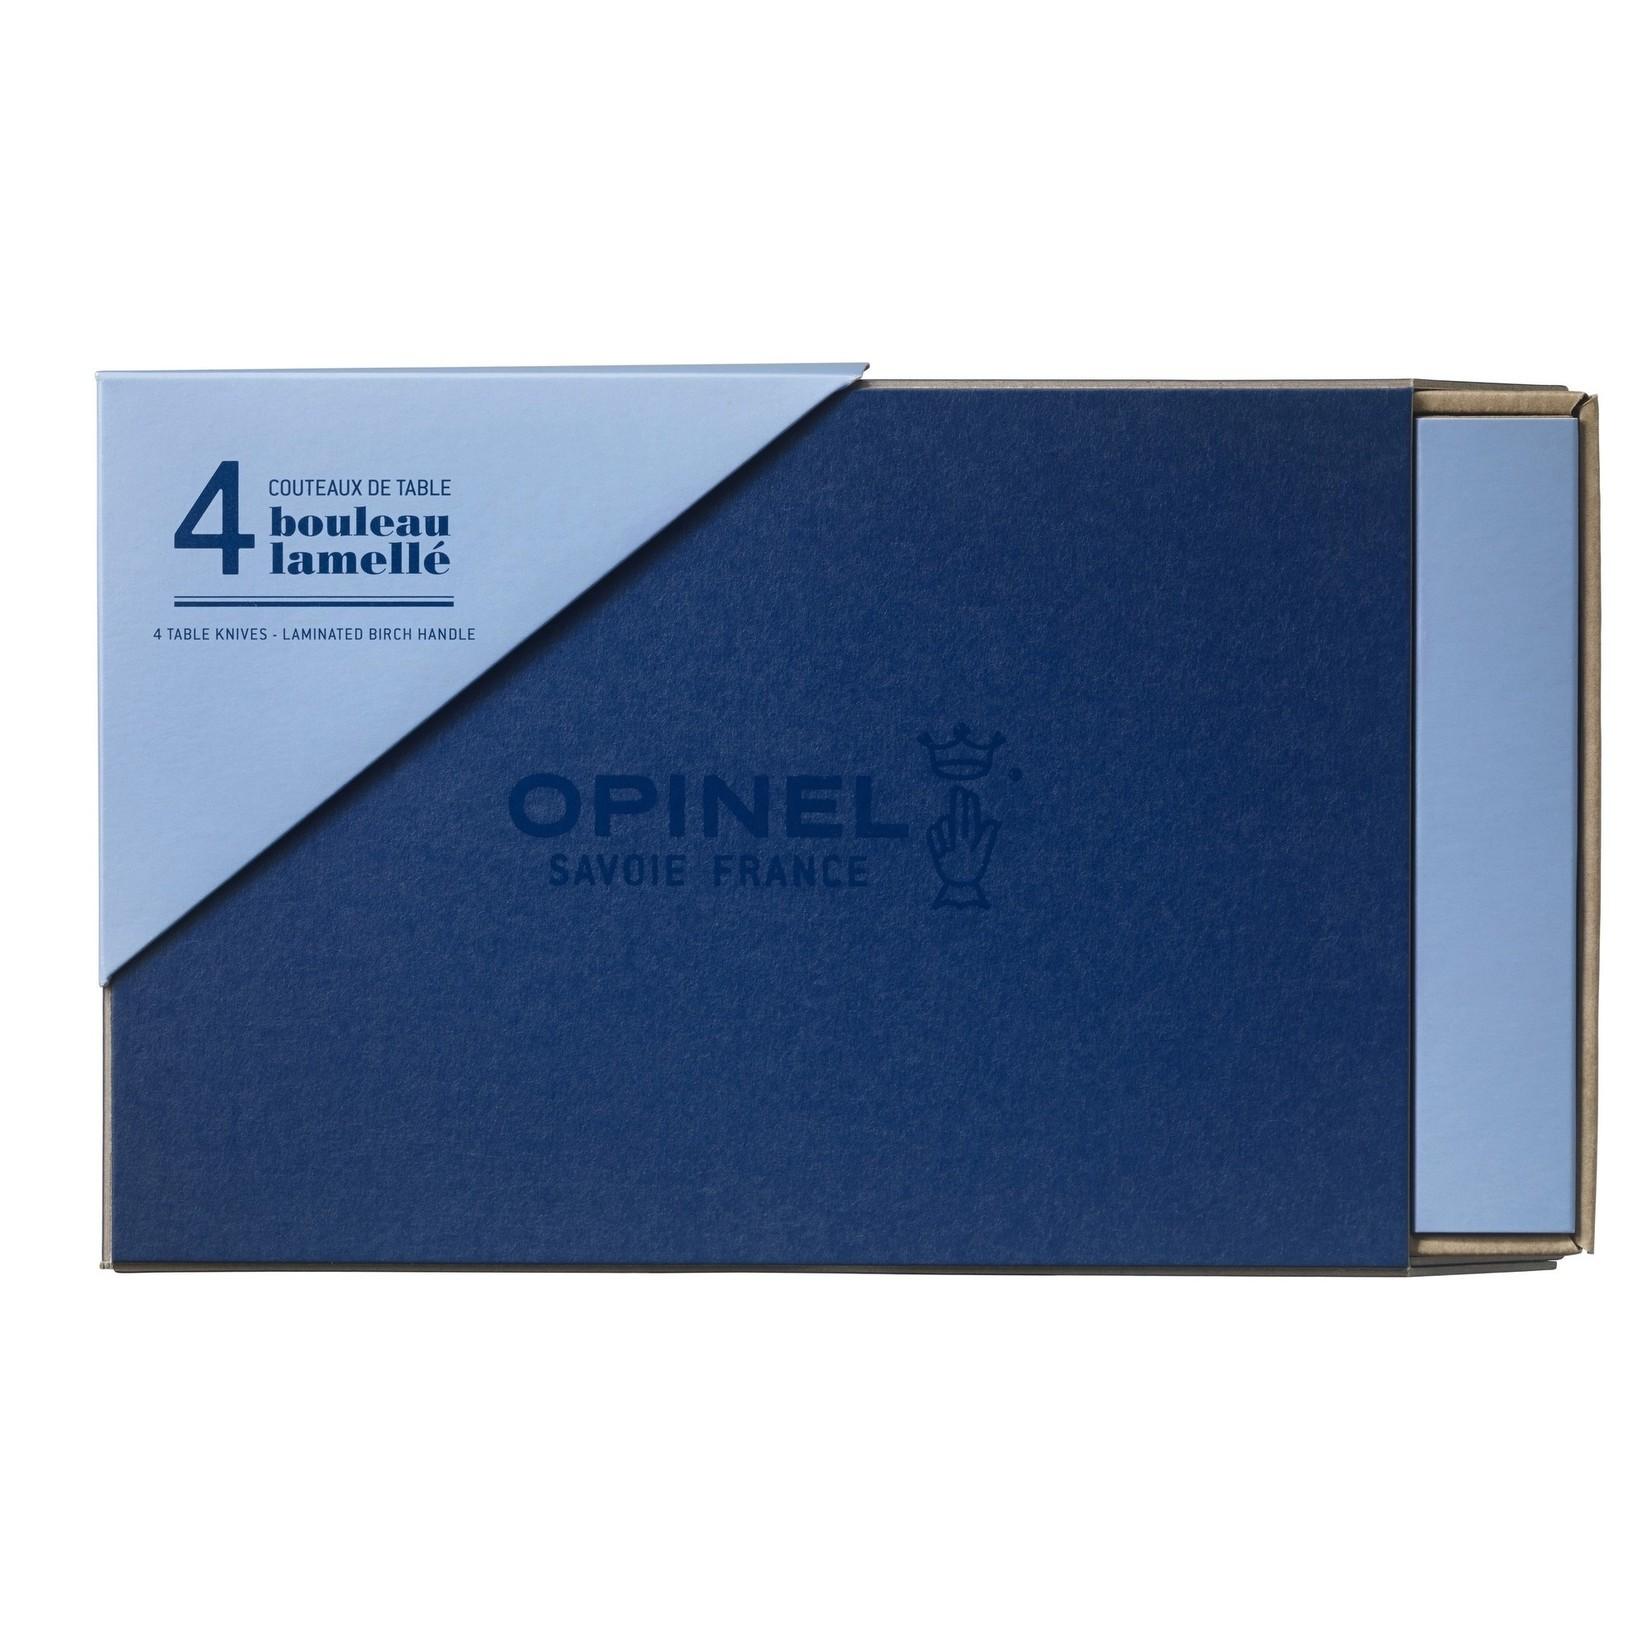 Opinel Opinel Chic tafelmessen 4-delig berkenhout